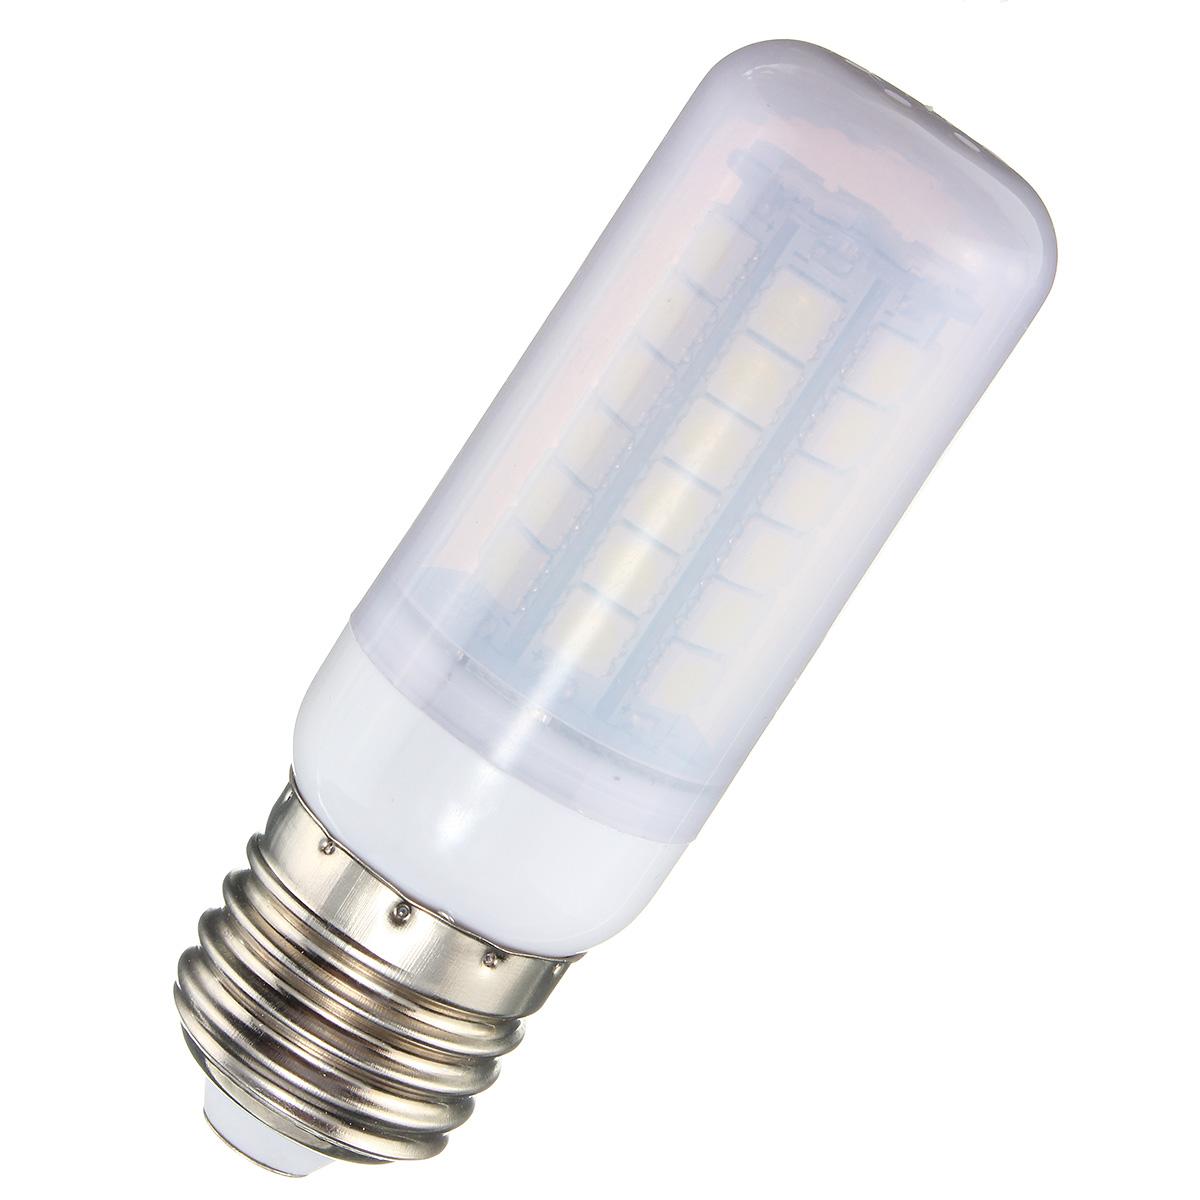 E27 E14 B22 G9 GU10 4.5W 48 SMD 5050 LED Pure White Warm White Natural White Cover Corn Bulb AC 220V